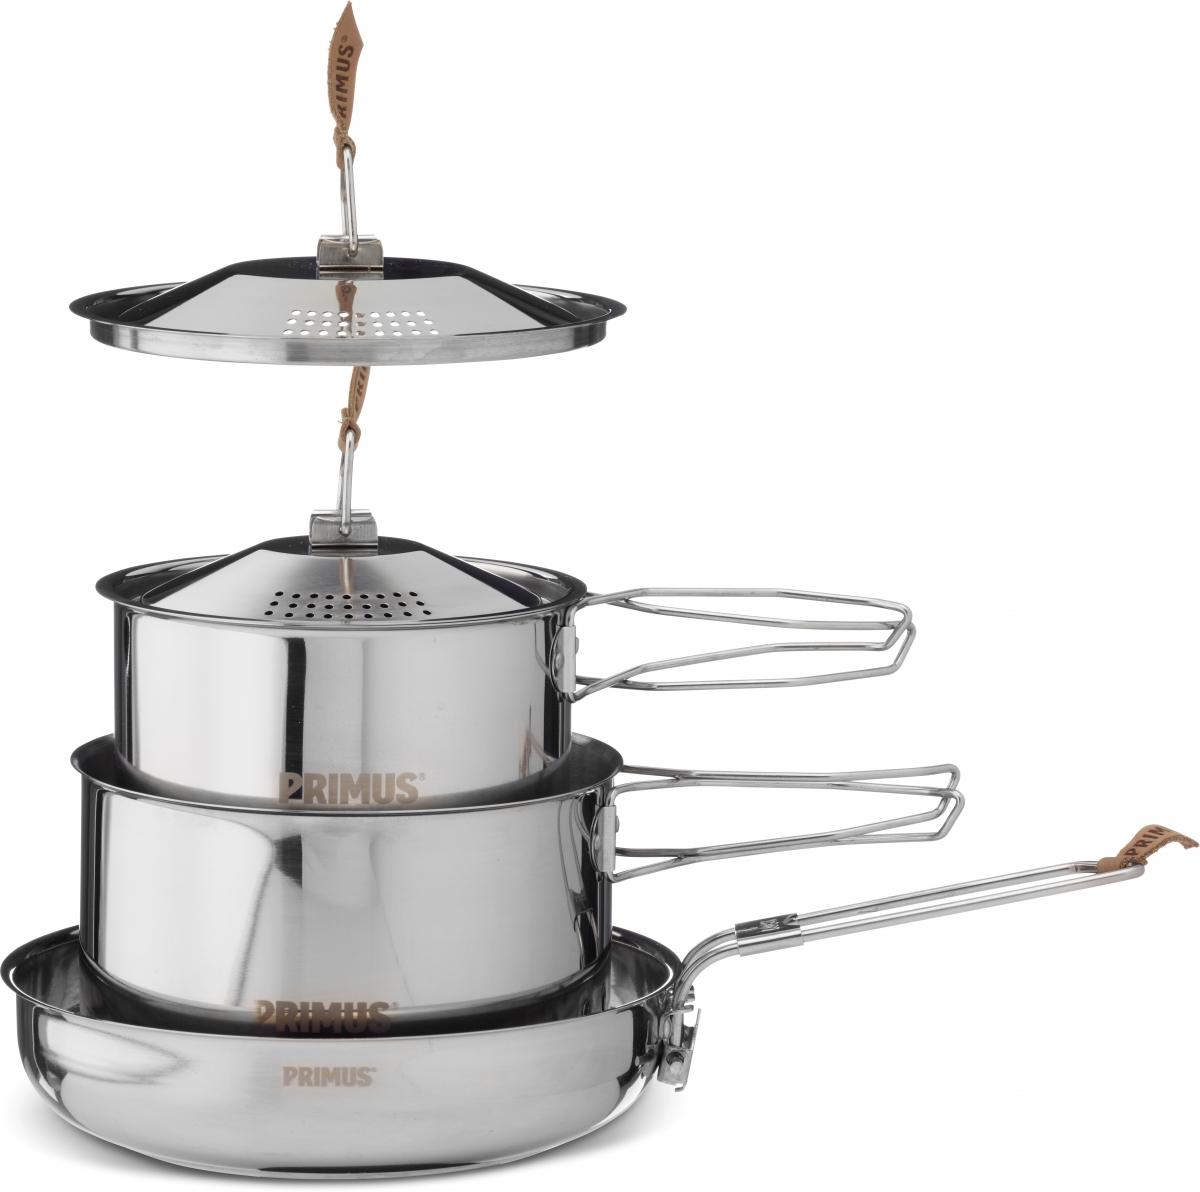 Набор посуды Primus CampFire Cookset S, цвет: серый41264713Прочная нержавеющая сталь на долгие годы службы. Набор состоит из двух котелков (1,0 и 1,8 л) с крышками и сковорода. Сковорода имеет складную ручку и алюминиевое дно для равномерного распределения тепла. В комплект входит сумка для хранения.